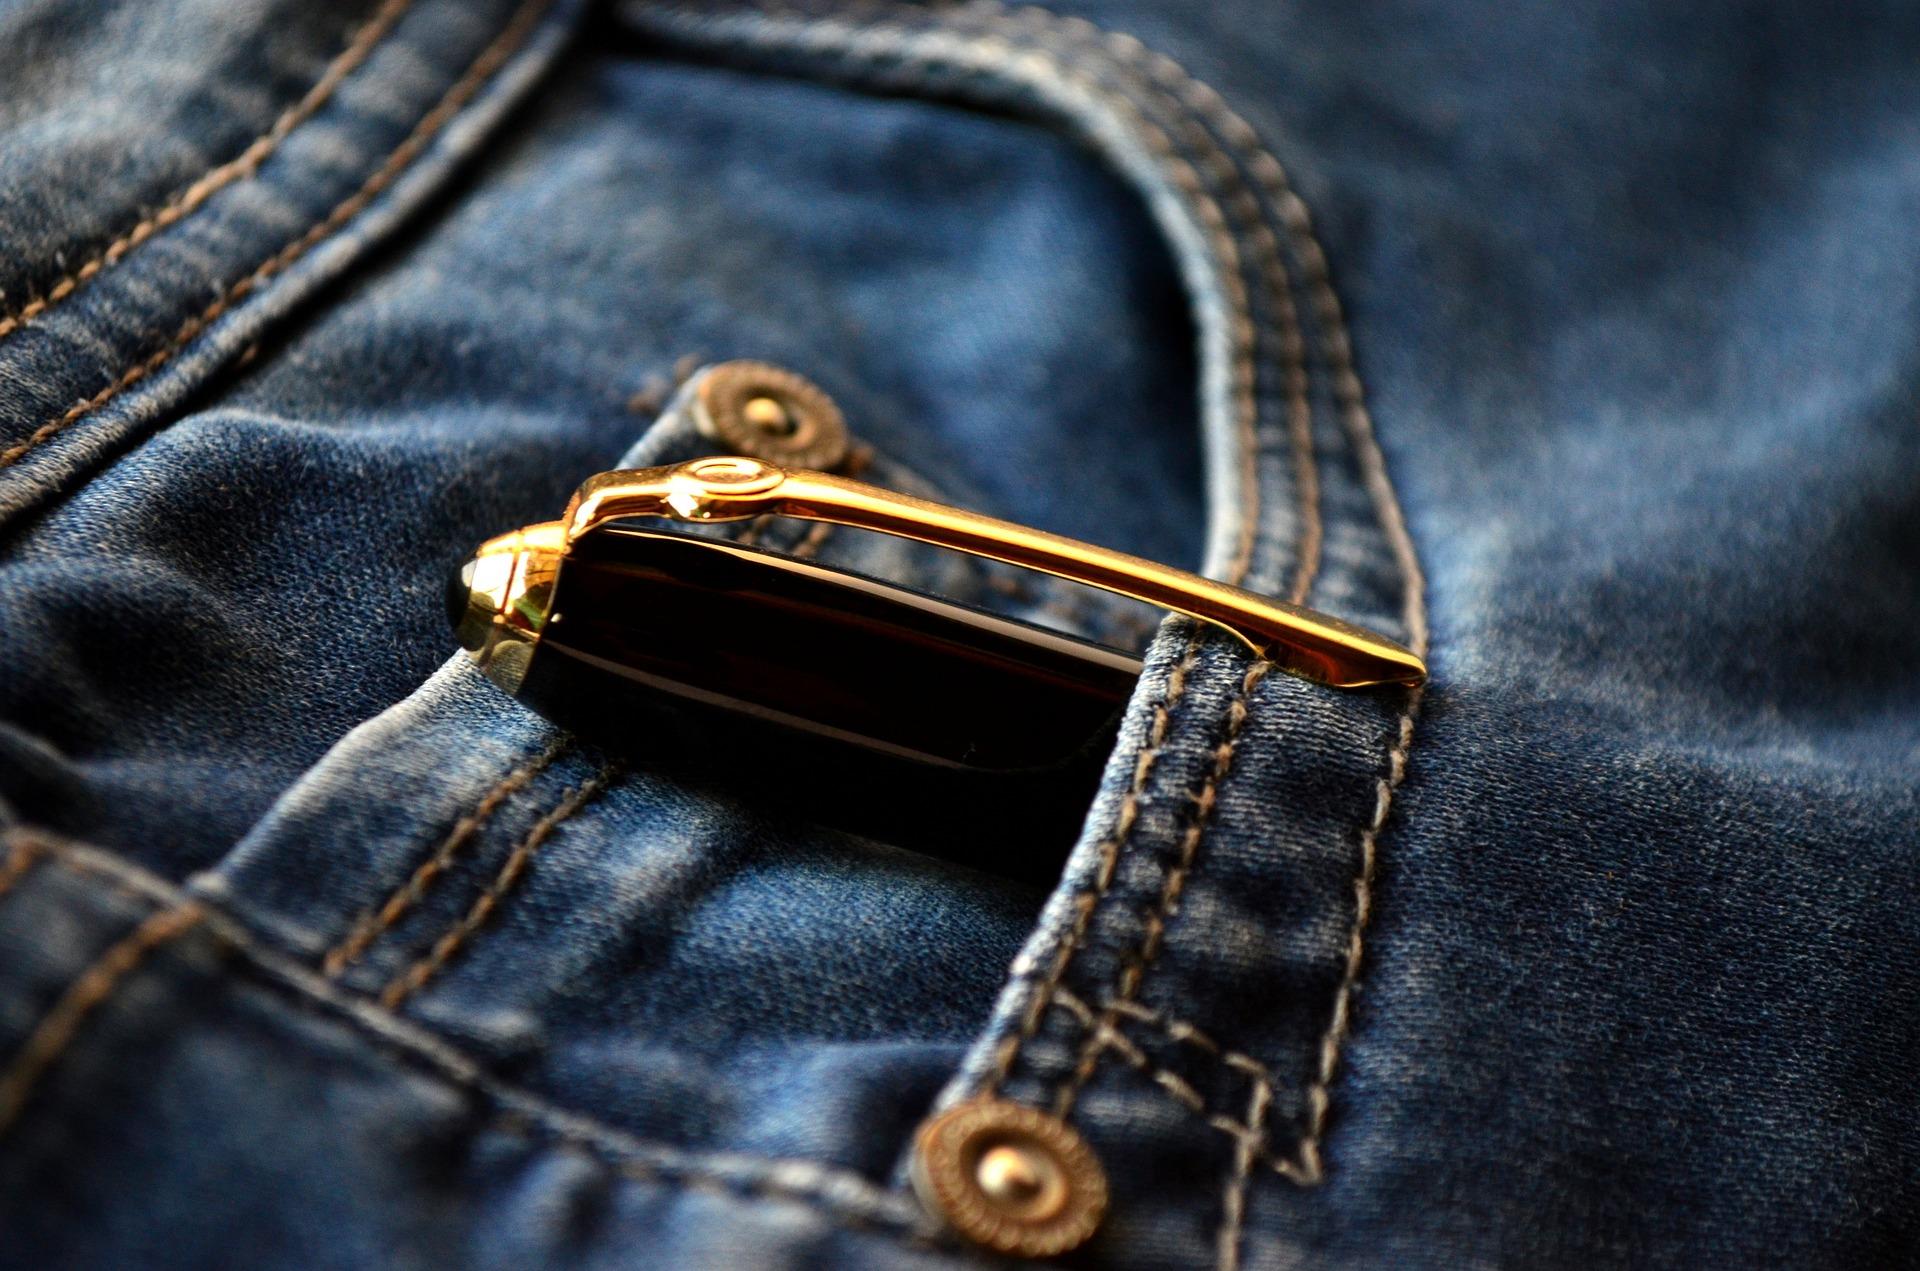 biro sui jeans